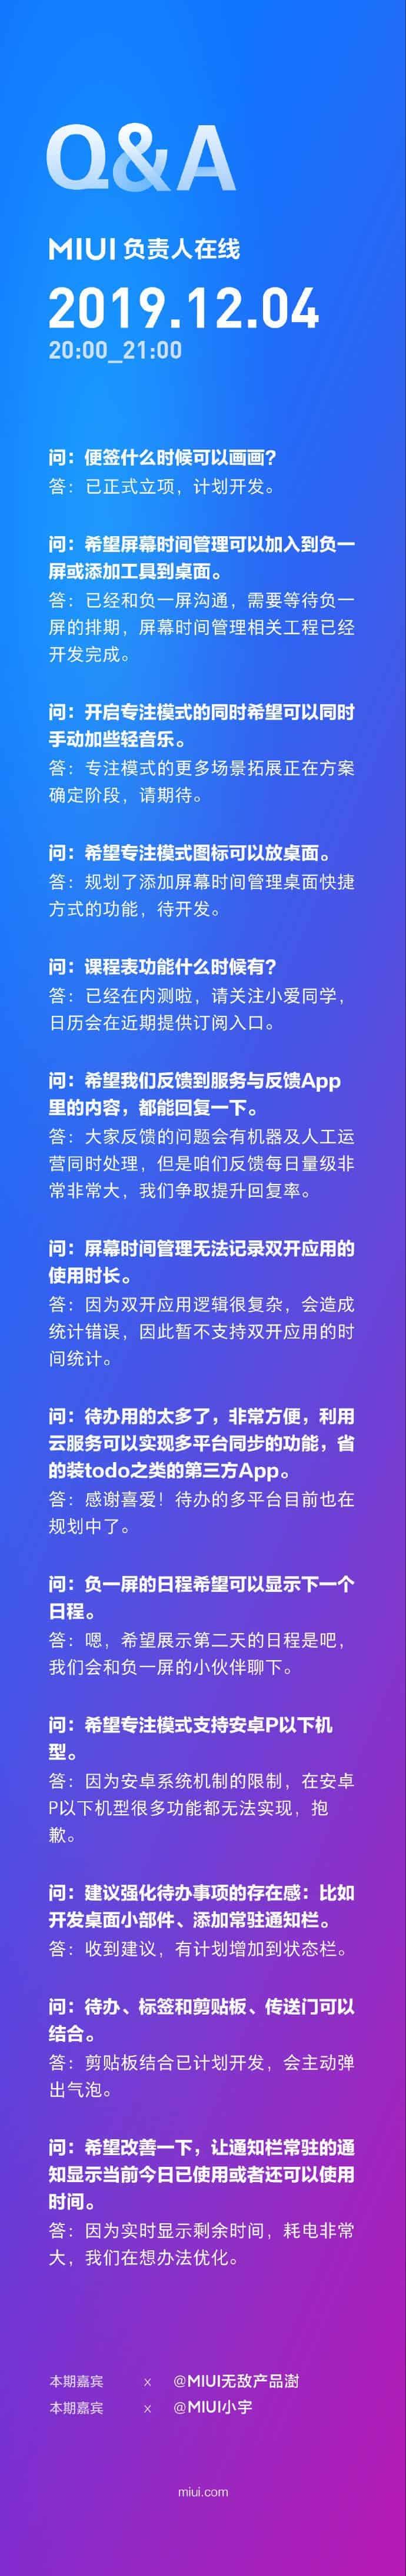 Xiaomi MIUI Q&A